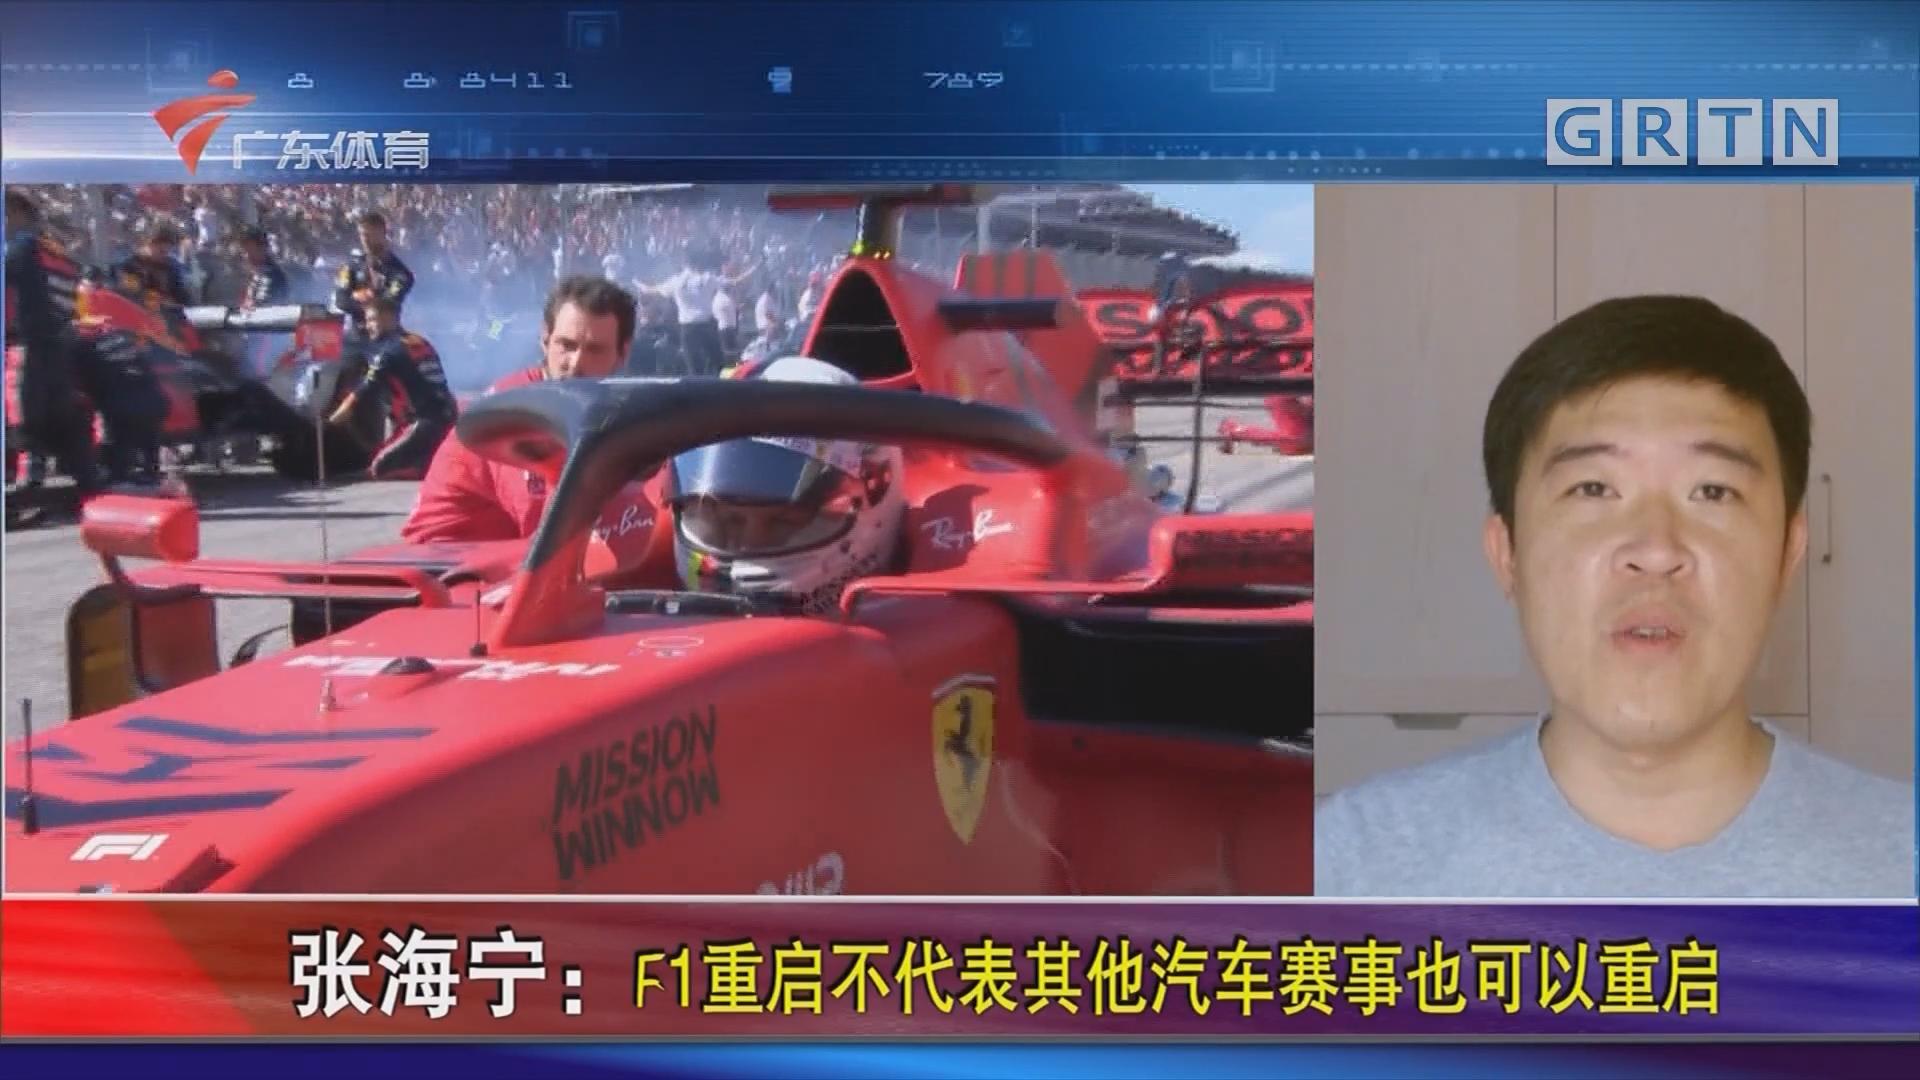 張海寧:F1重啟不代表其他汽車賽事也可以重啟